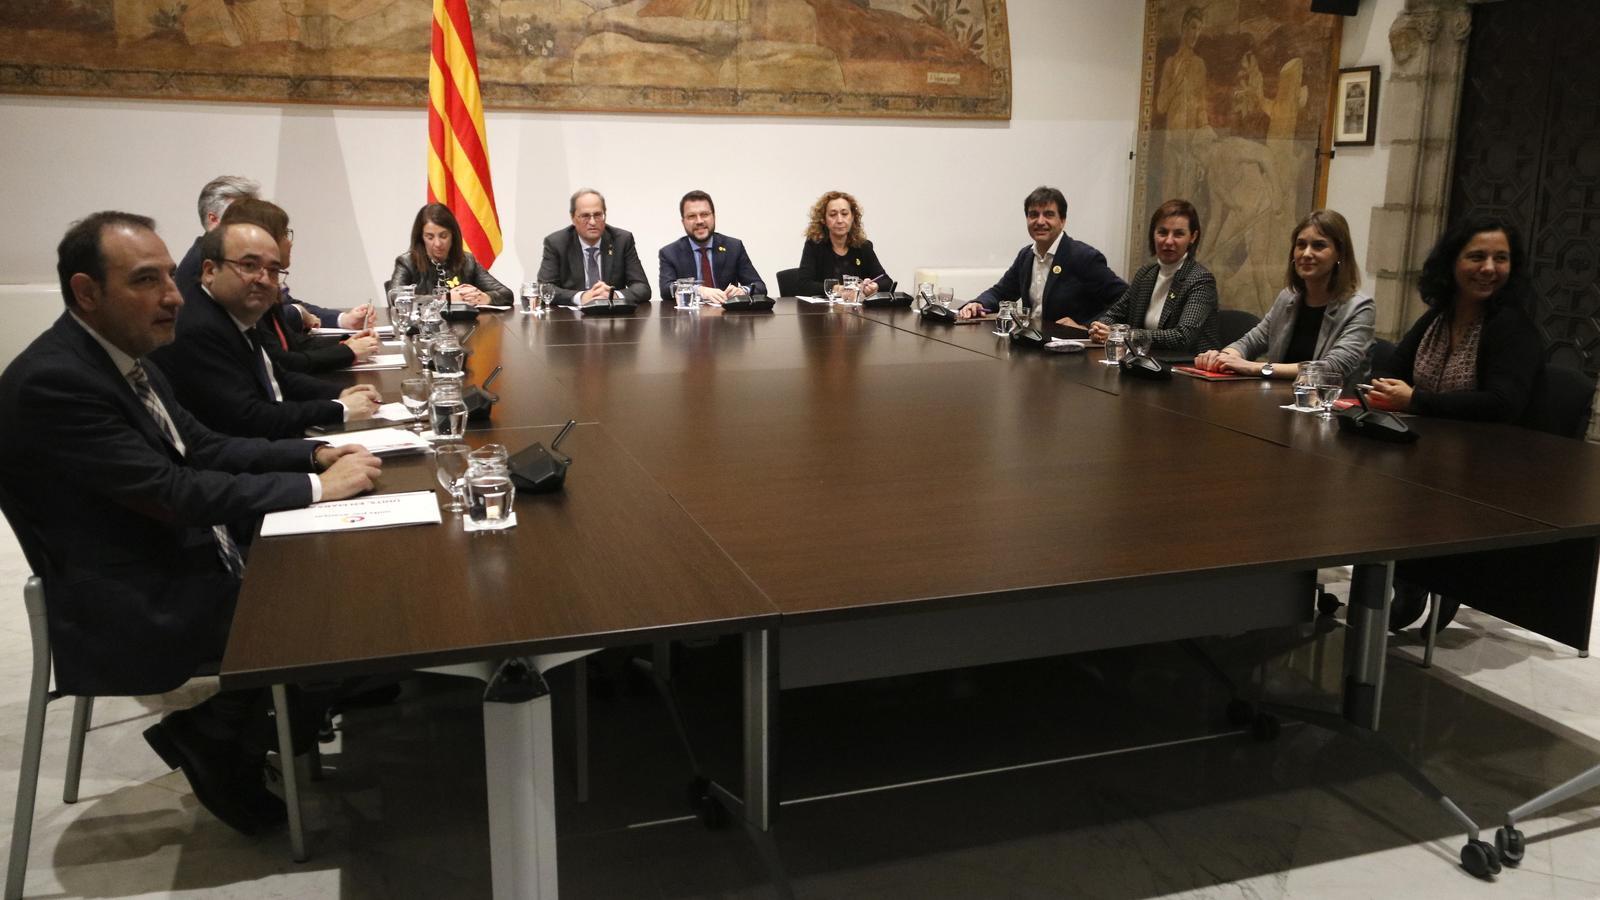 La taula catalana de partits constata les dificultats del diàleg amb l'Estat